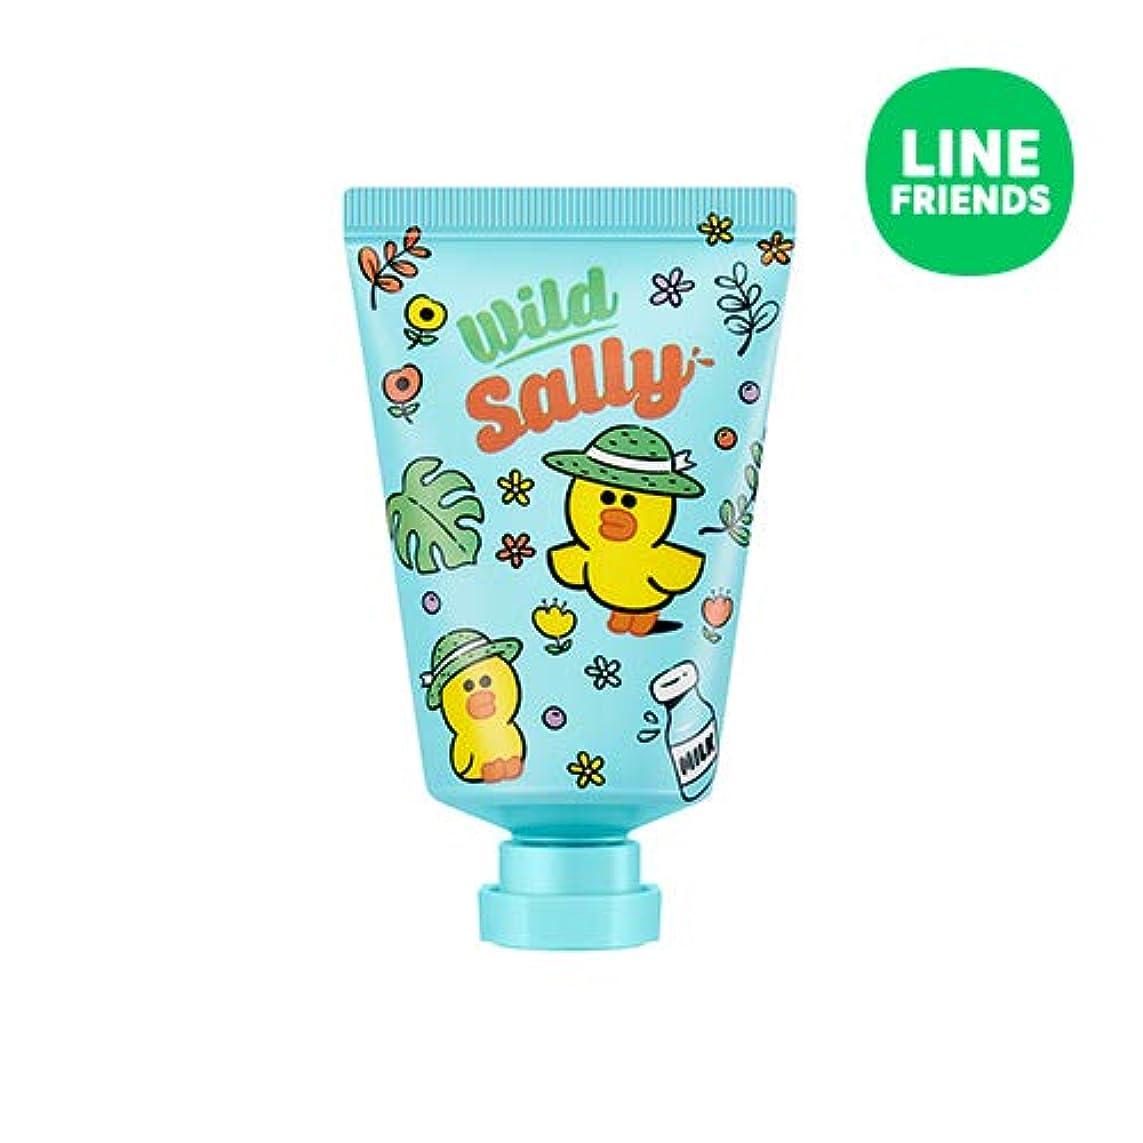 太陽さようならモネミシャ(ラインフレンズ)ラブシークレットハンドクリーム 30ml MISSHA [Line Friends Edition] Love Secret Hand Cream - Sally # Cotton White [...